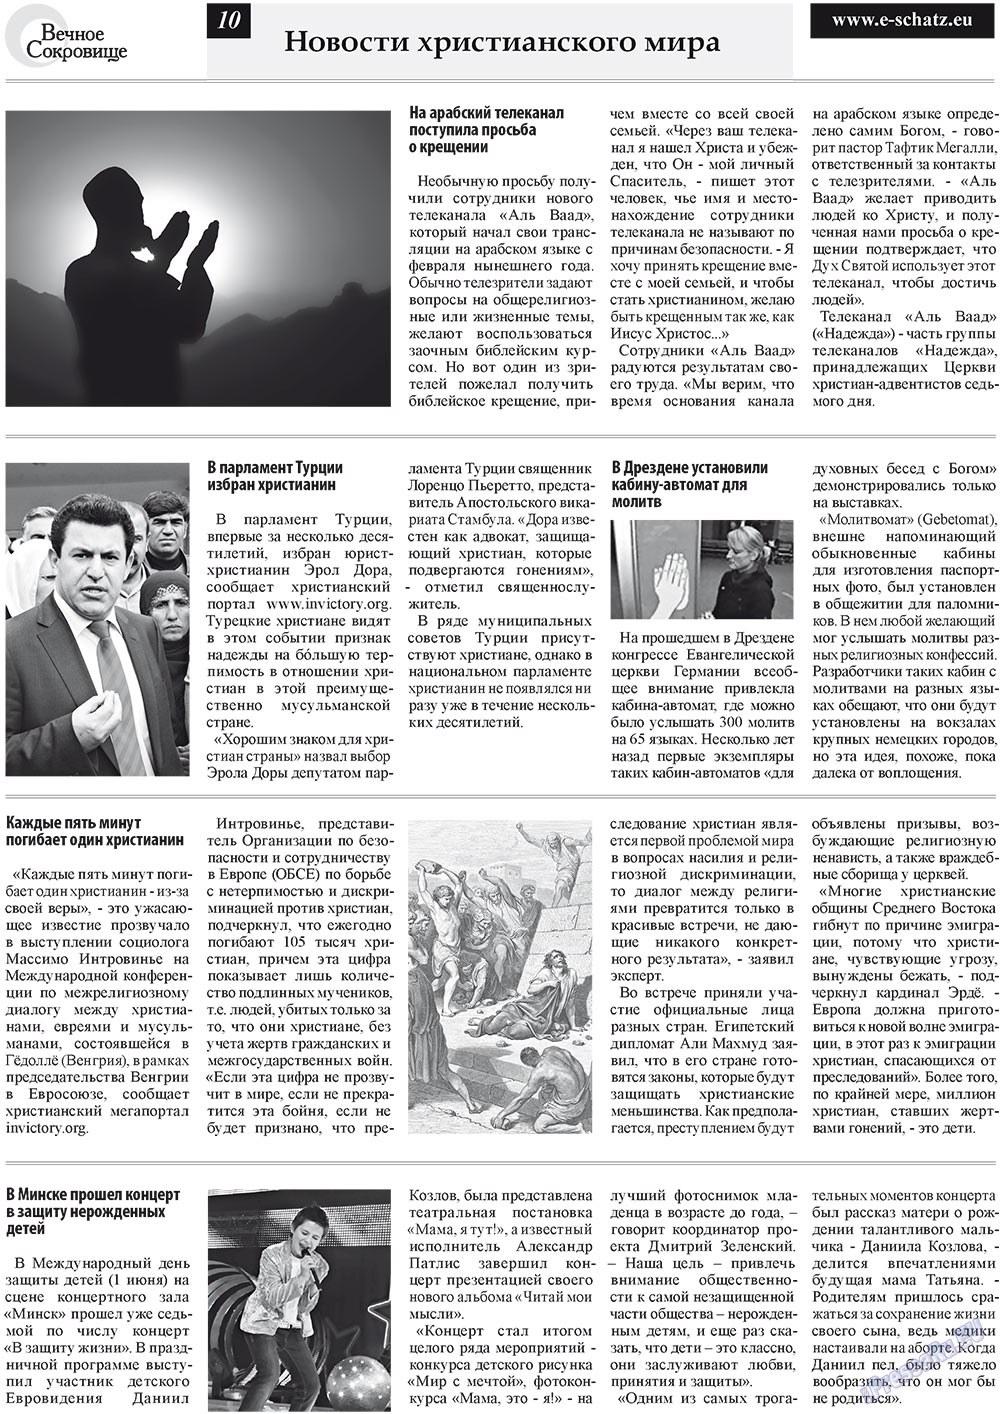 Вечное сокровище (газета). 2011 год, номер 4, стр. 10